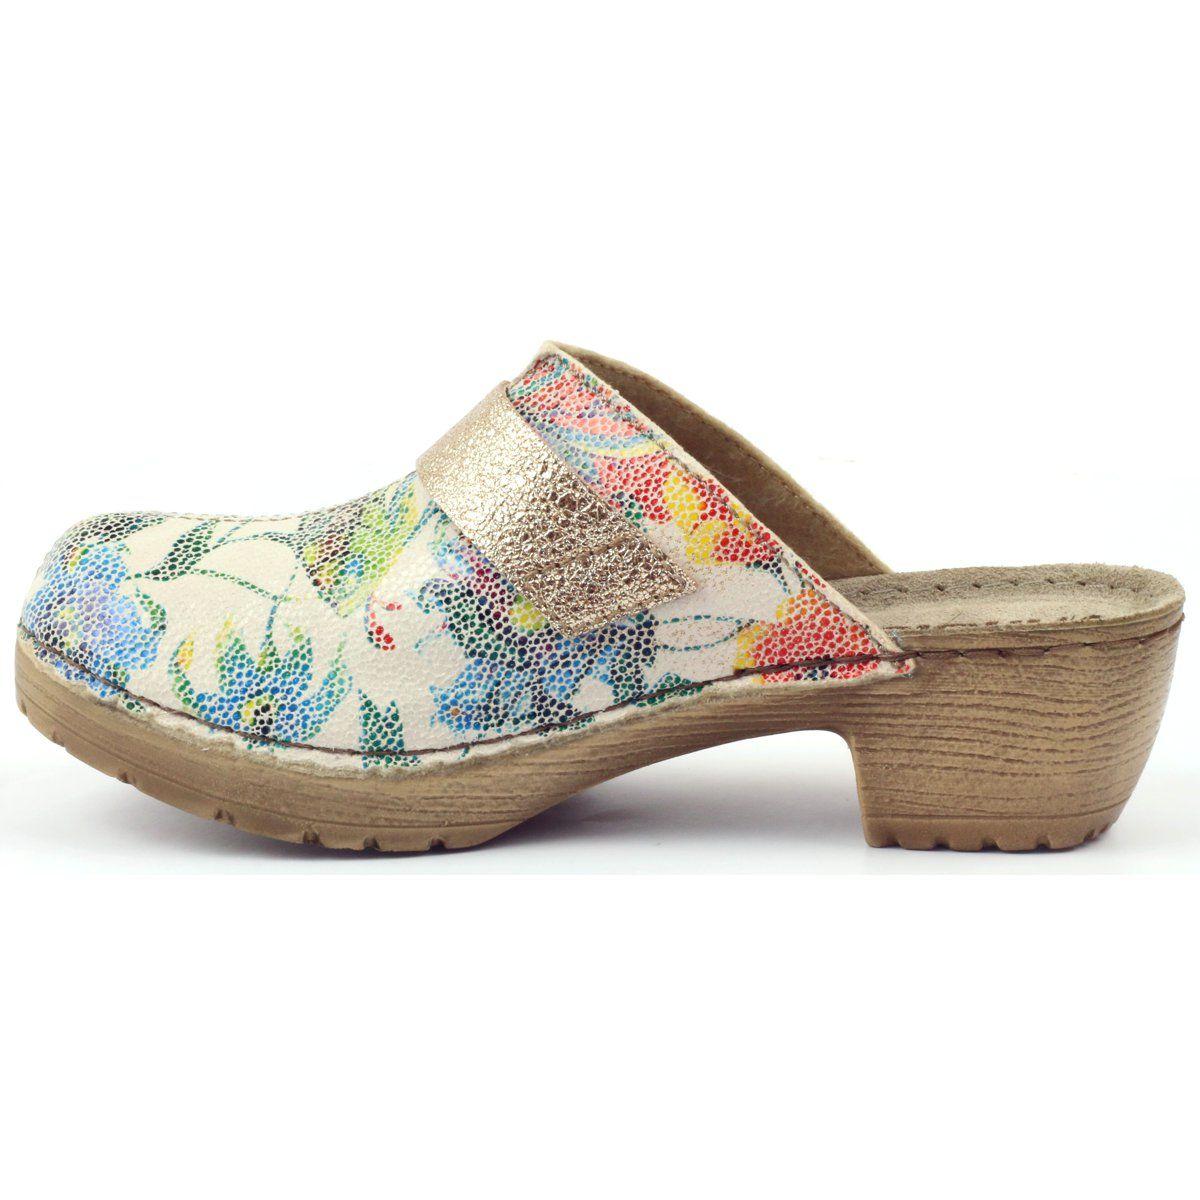 Klapki Drewniaki W Kwiaty Inblu Bl02 Brazowe Zolte Wielokolorowe Mule Shoe Heels Heeled Mules